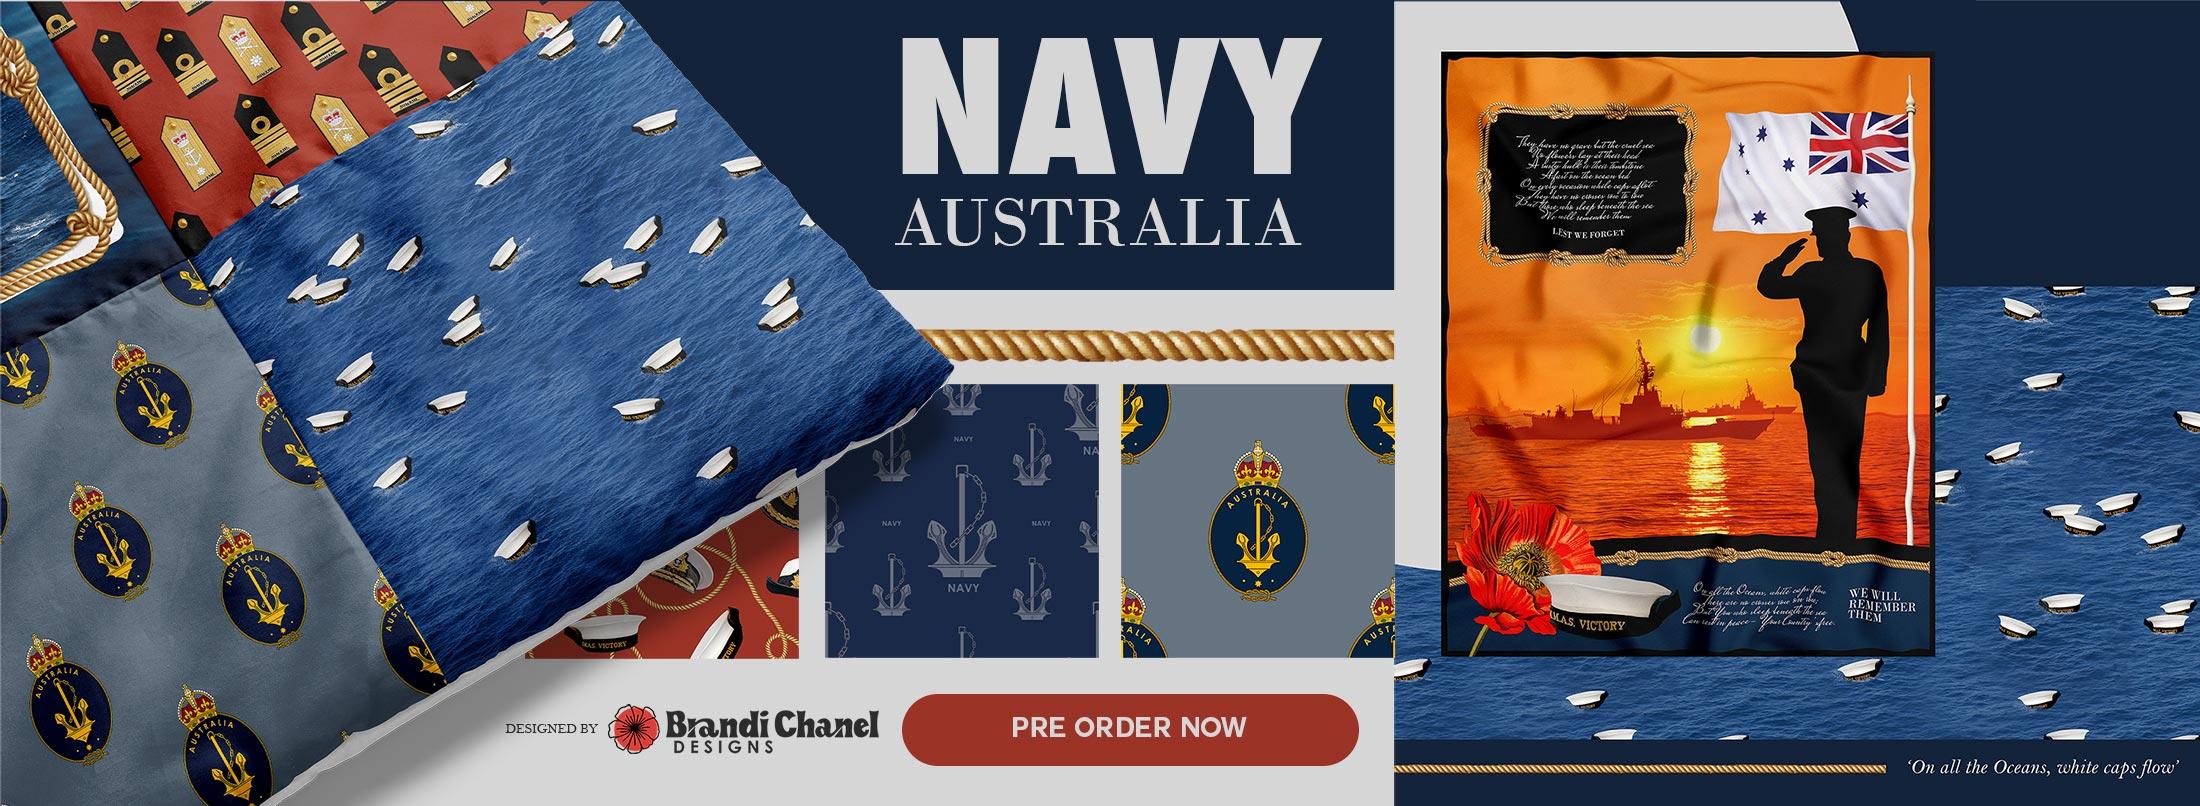 1088 Navy Australia Category Banner